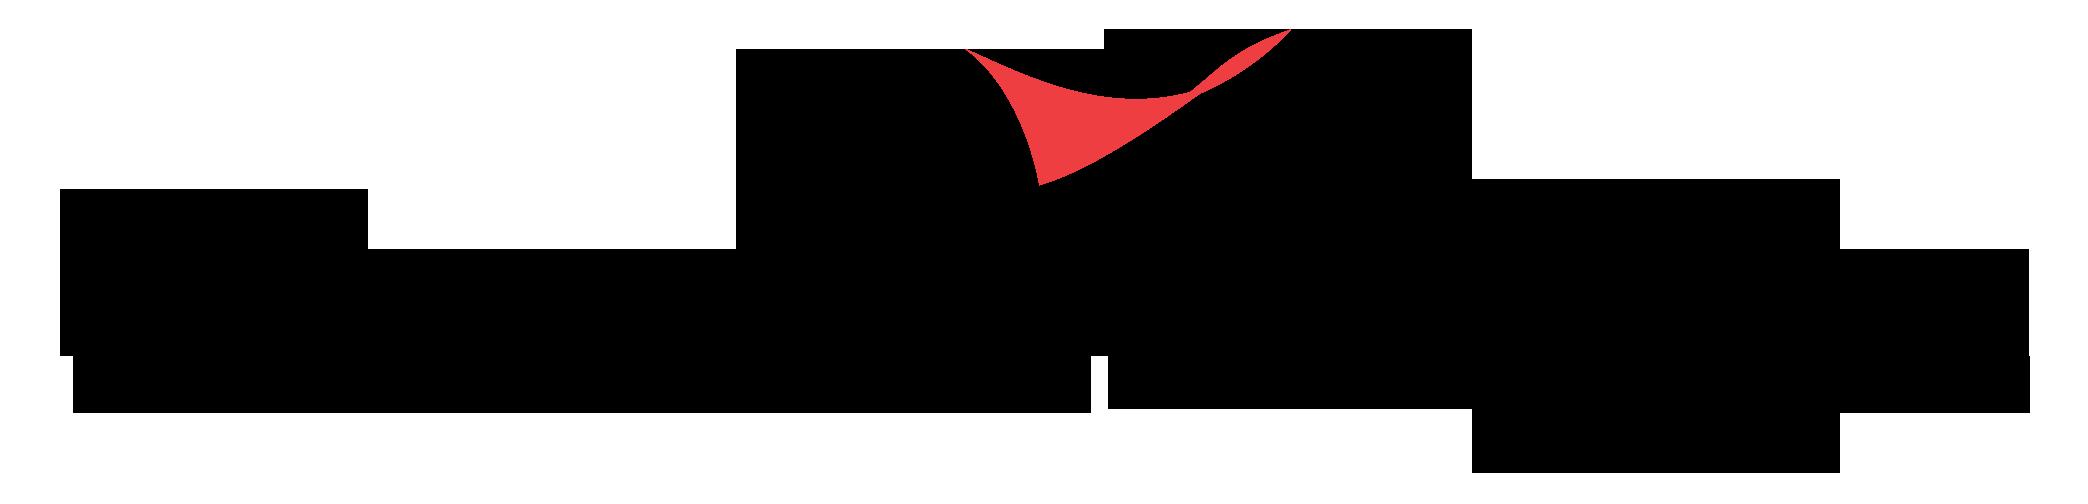 Conocophillips Logo PNG-PlusPNG.com-2088 - Conocophillips Logo PNG